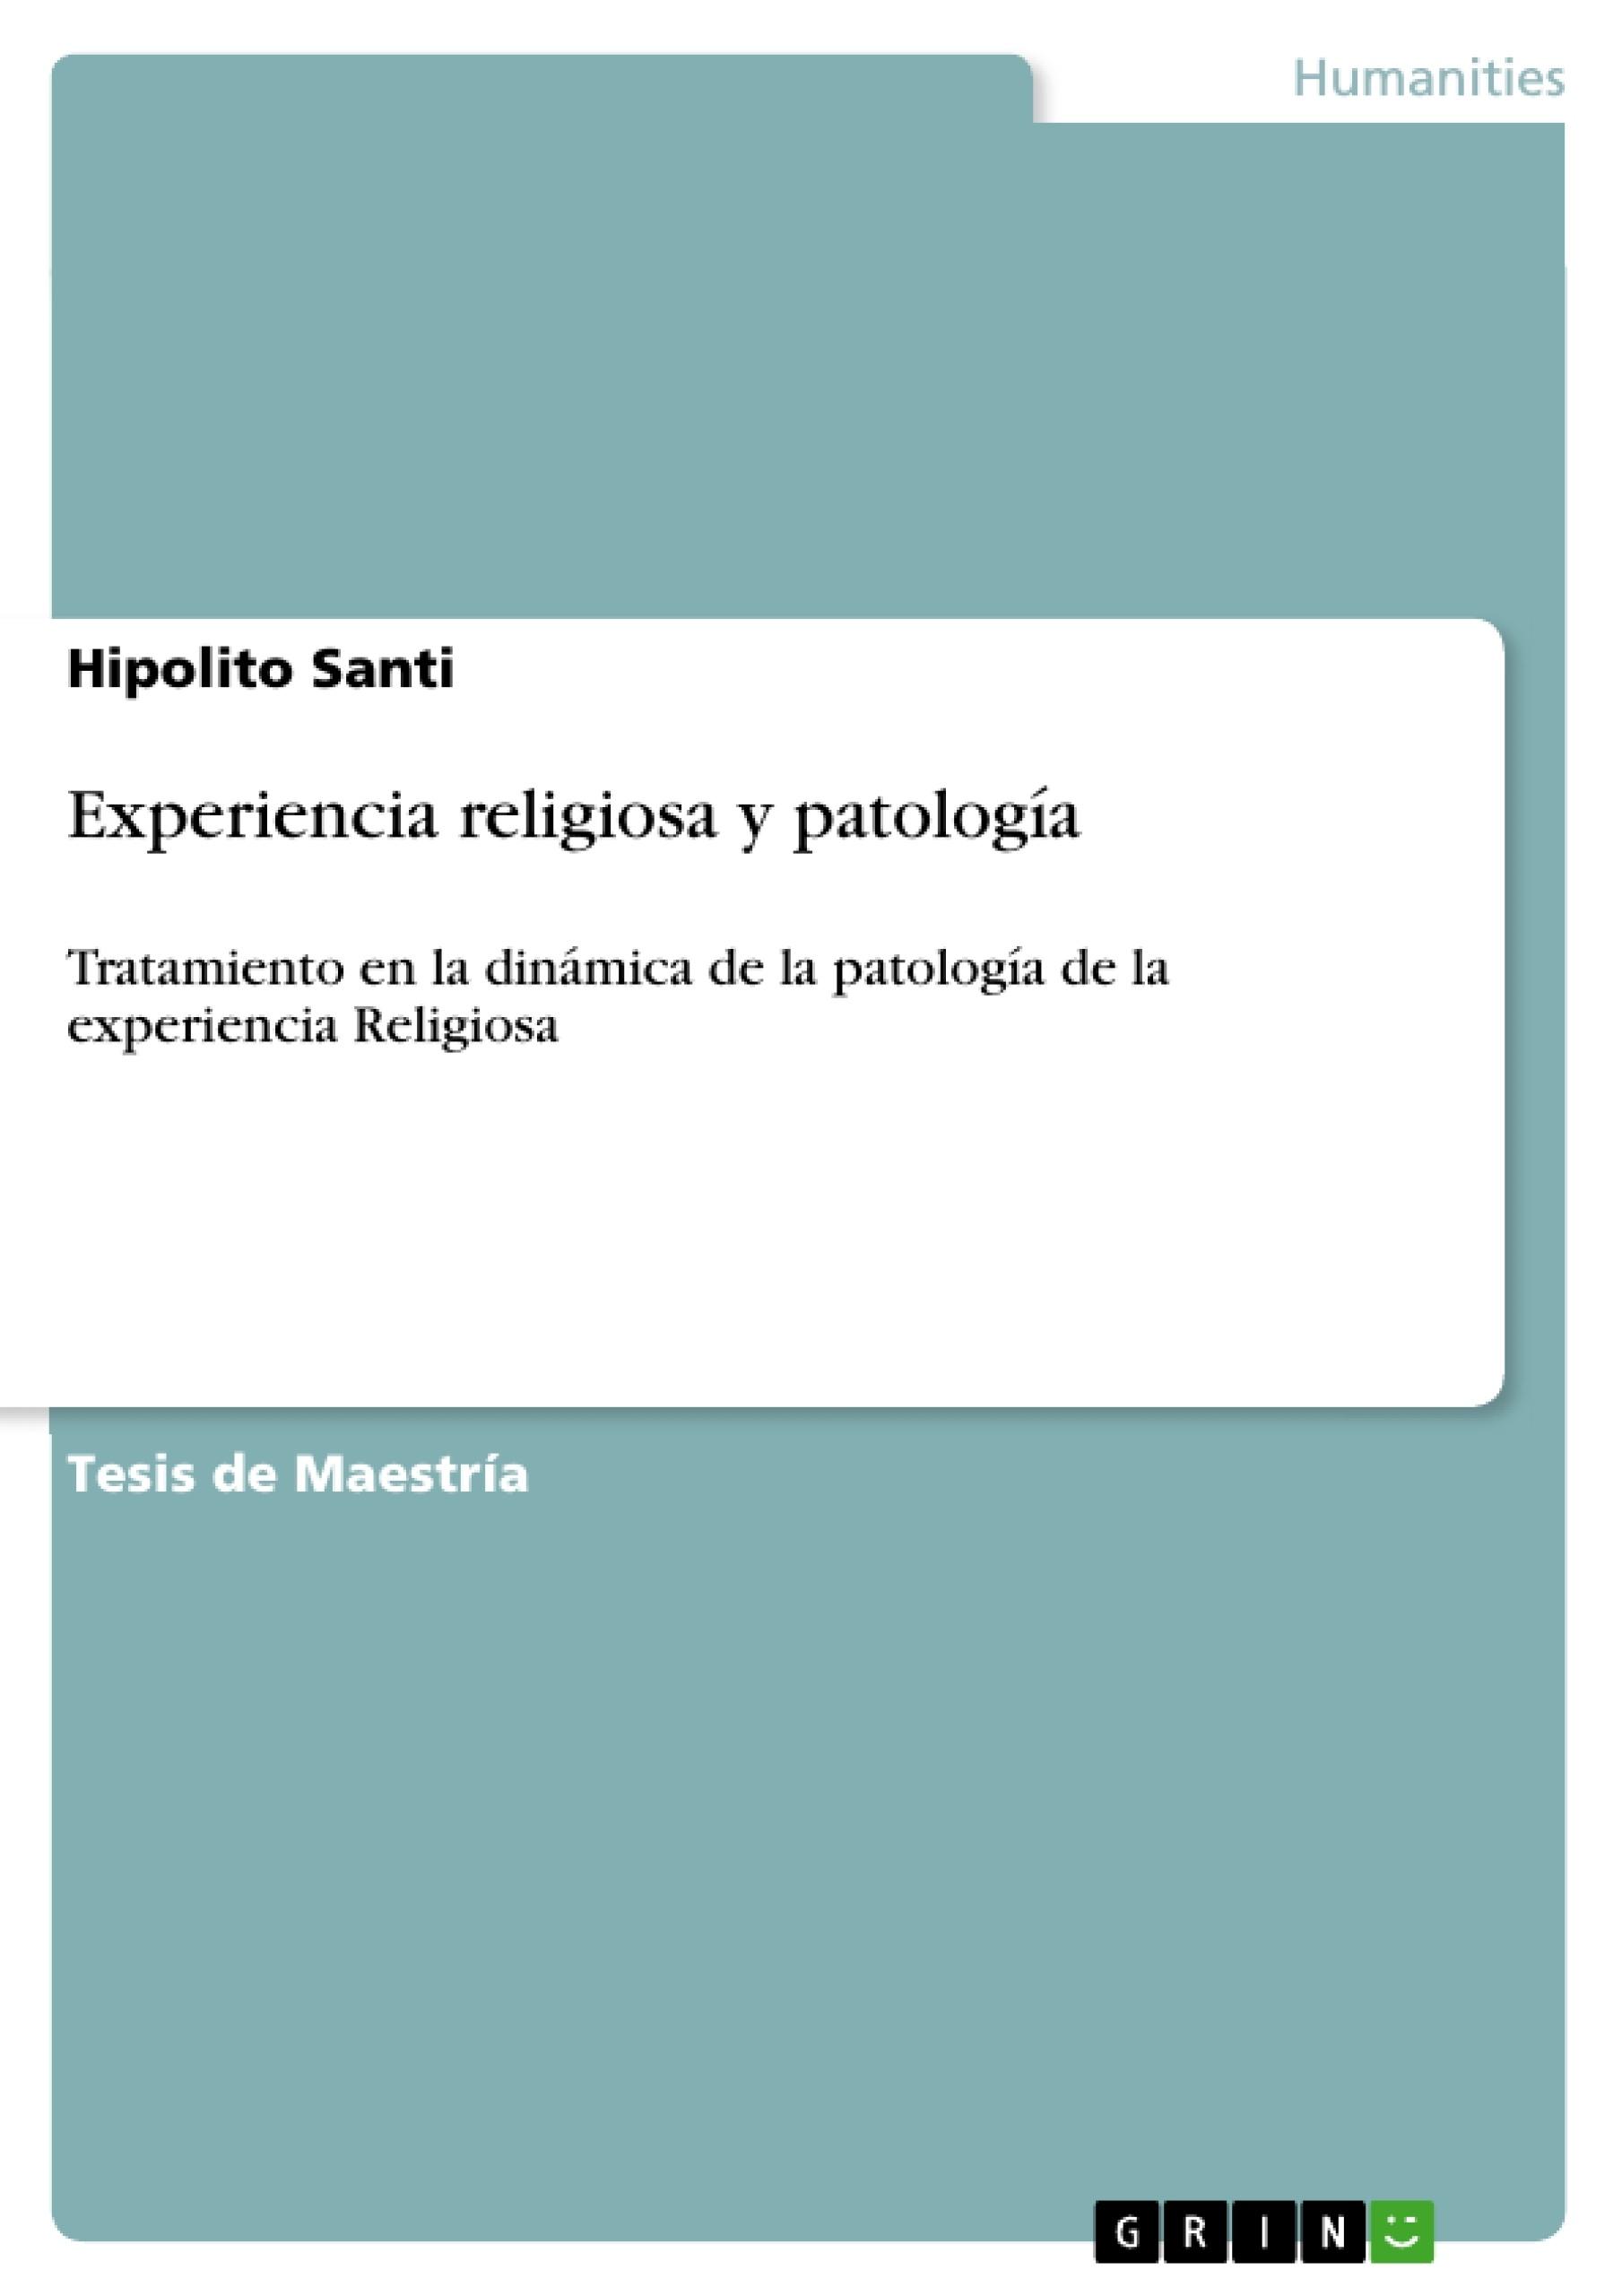 Título: Experiencia religiosa y patología